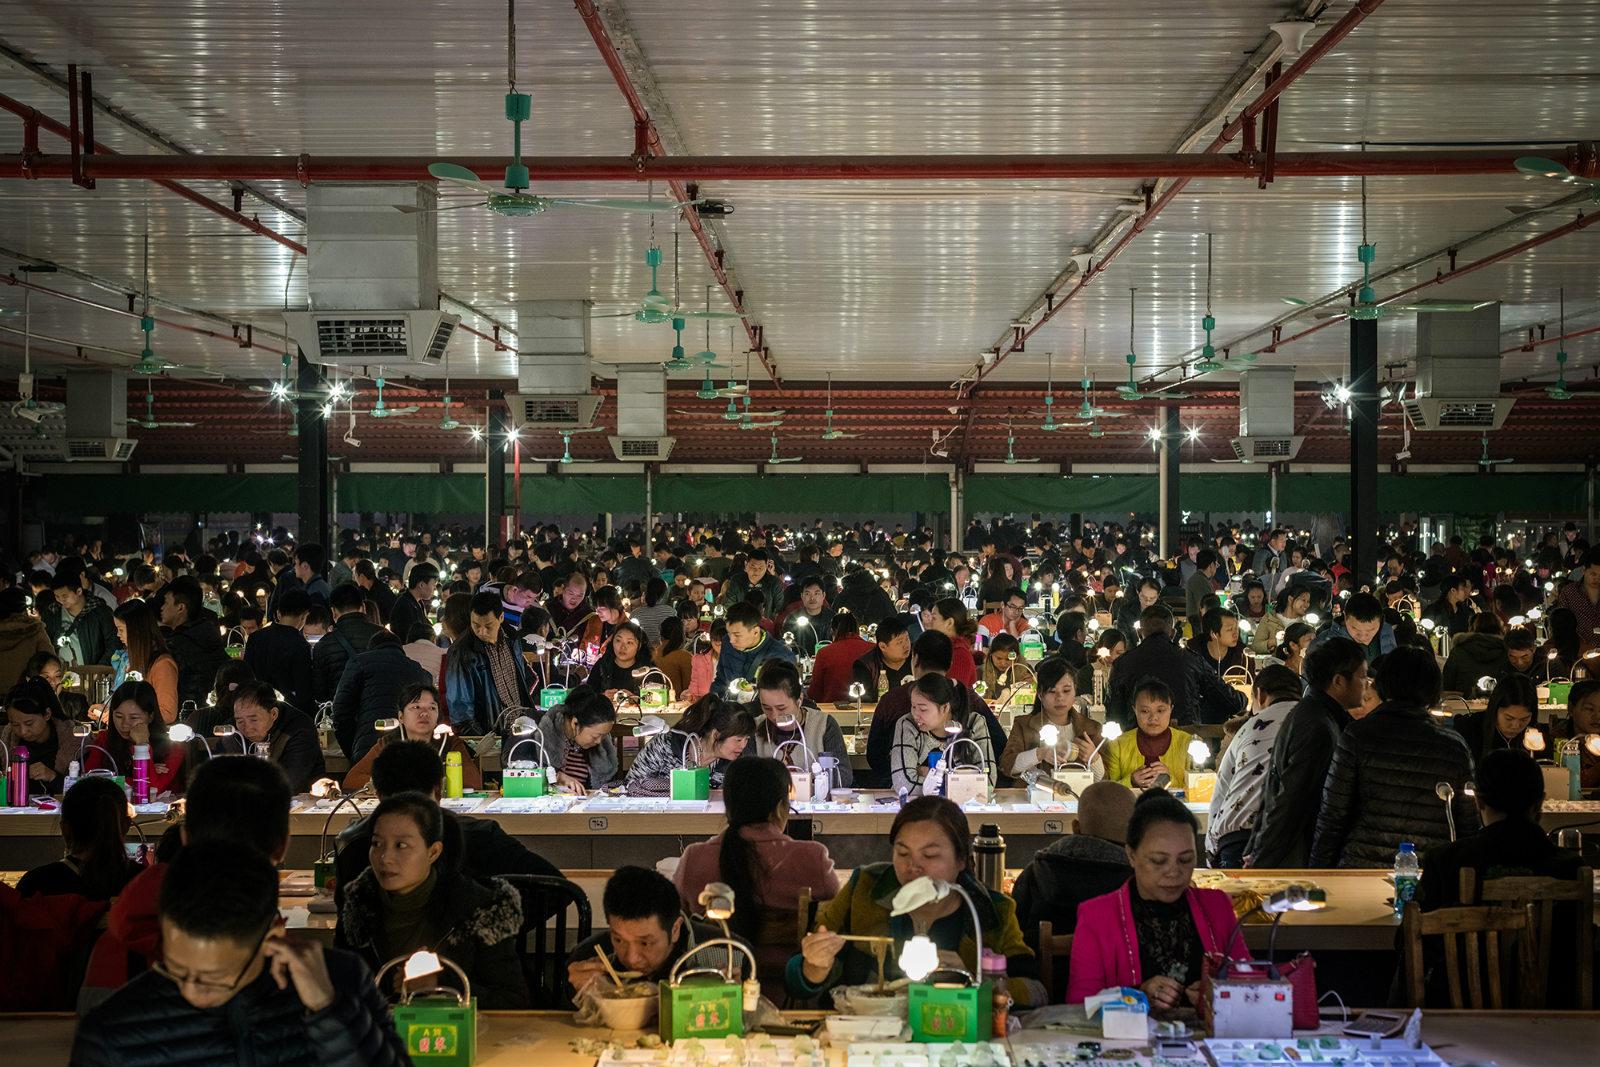 2017年12月8日,广州肇庆四会玉器批发市场,大量的从业者正在使用淘宝直播卖货,随着淘宝直播越来越受玉器市场的欢迎,这个市场吸收了一大批玉器主播从业者_meitu_7